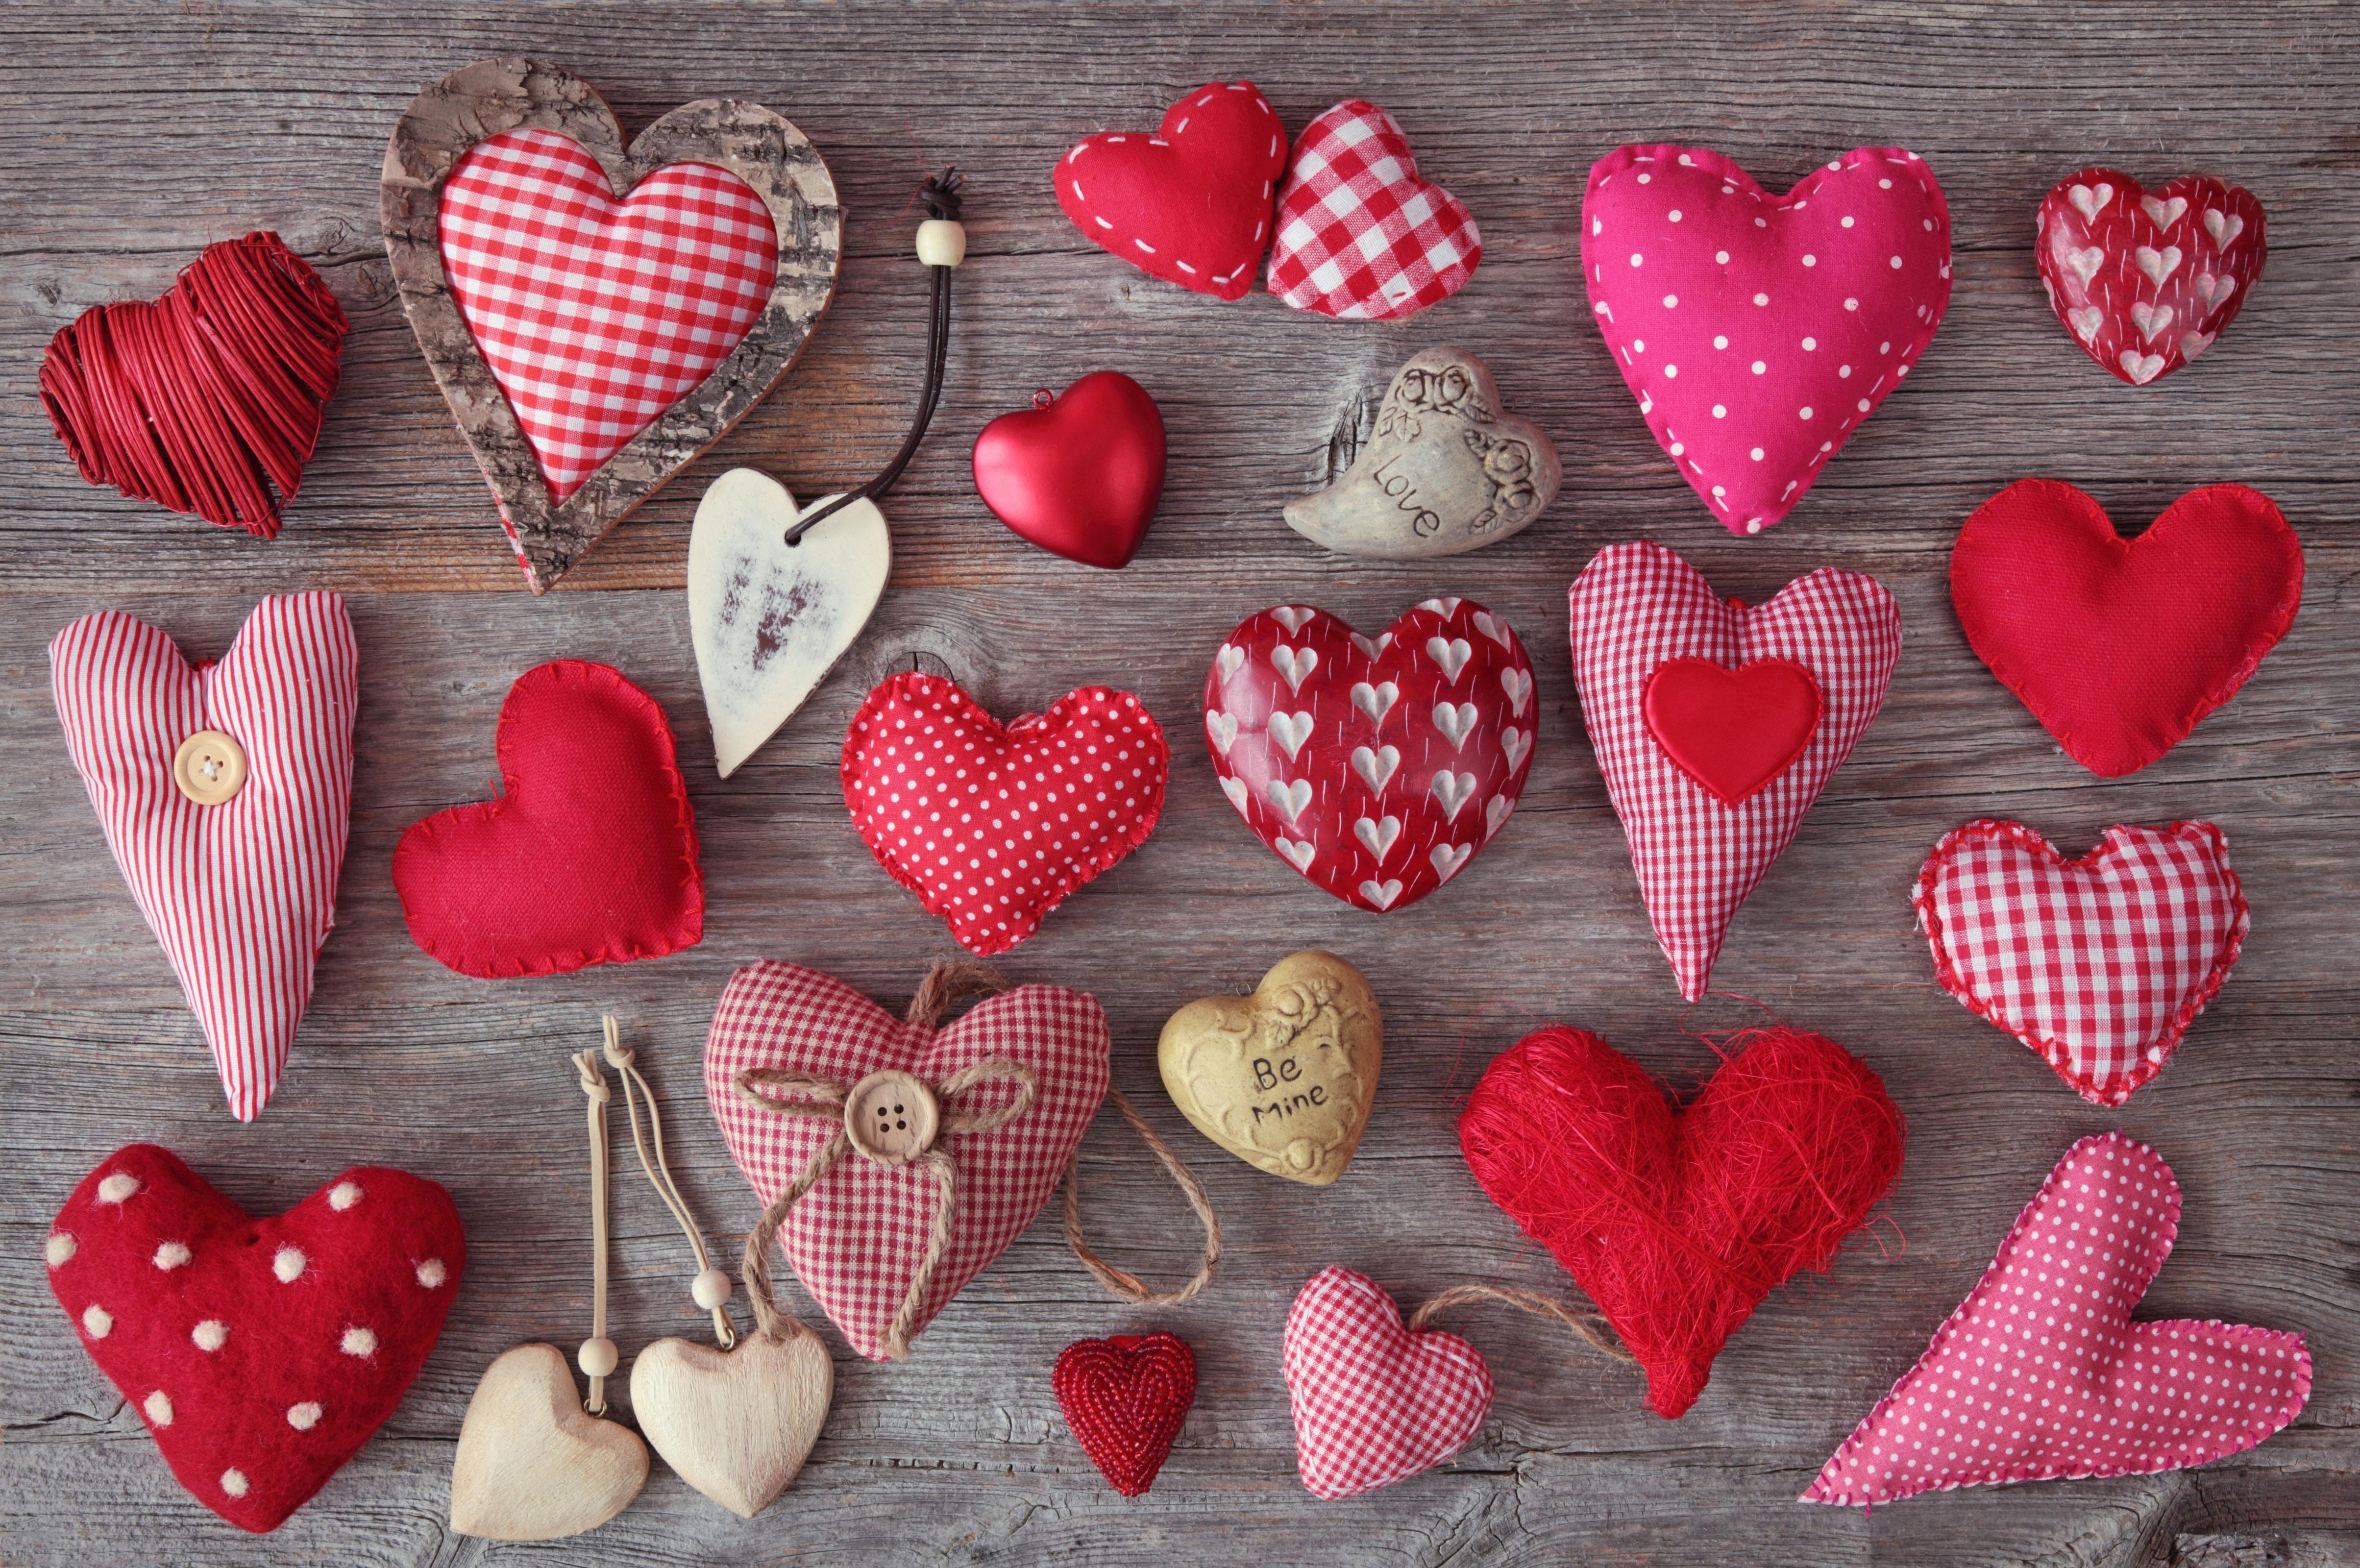 51293 Заставки и Обои Сердца на телефон. Скачать Сердца, Любовь, Дерево, Ткань, Сердечки, Красная, Подушечки, Розовая, Надписи картинки бесплатно